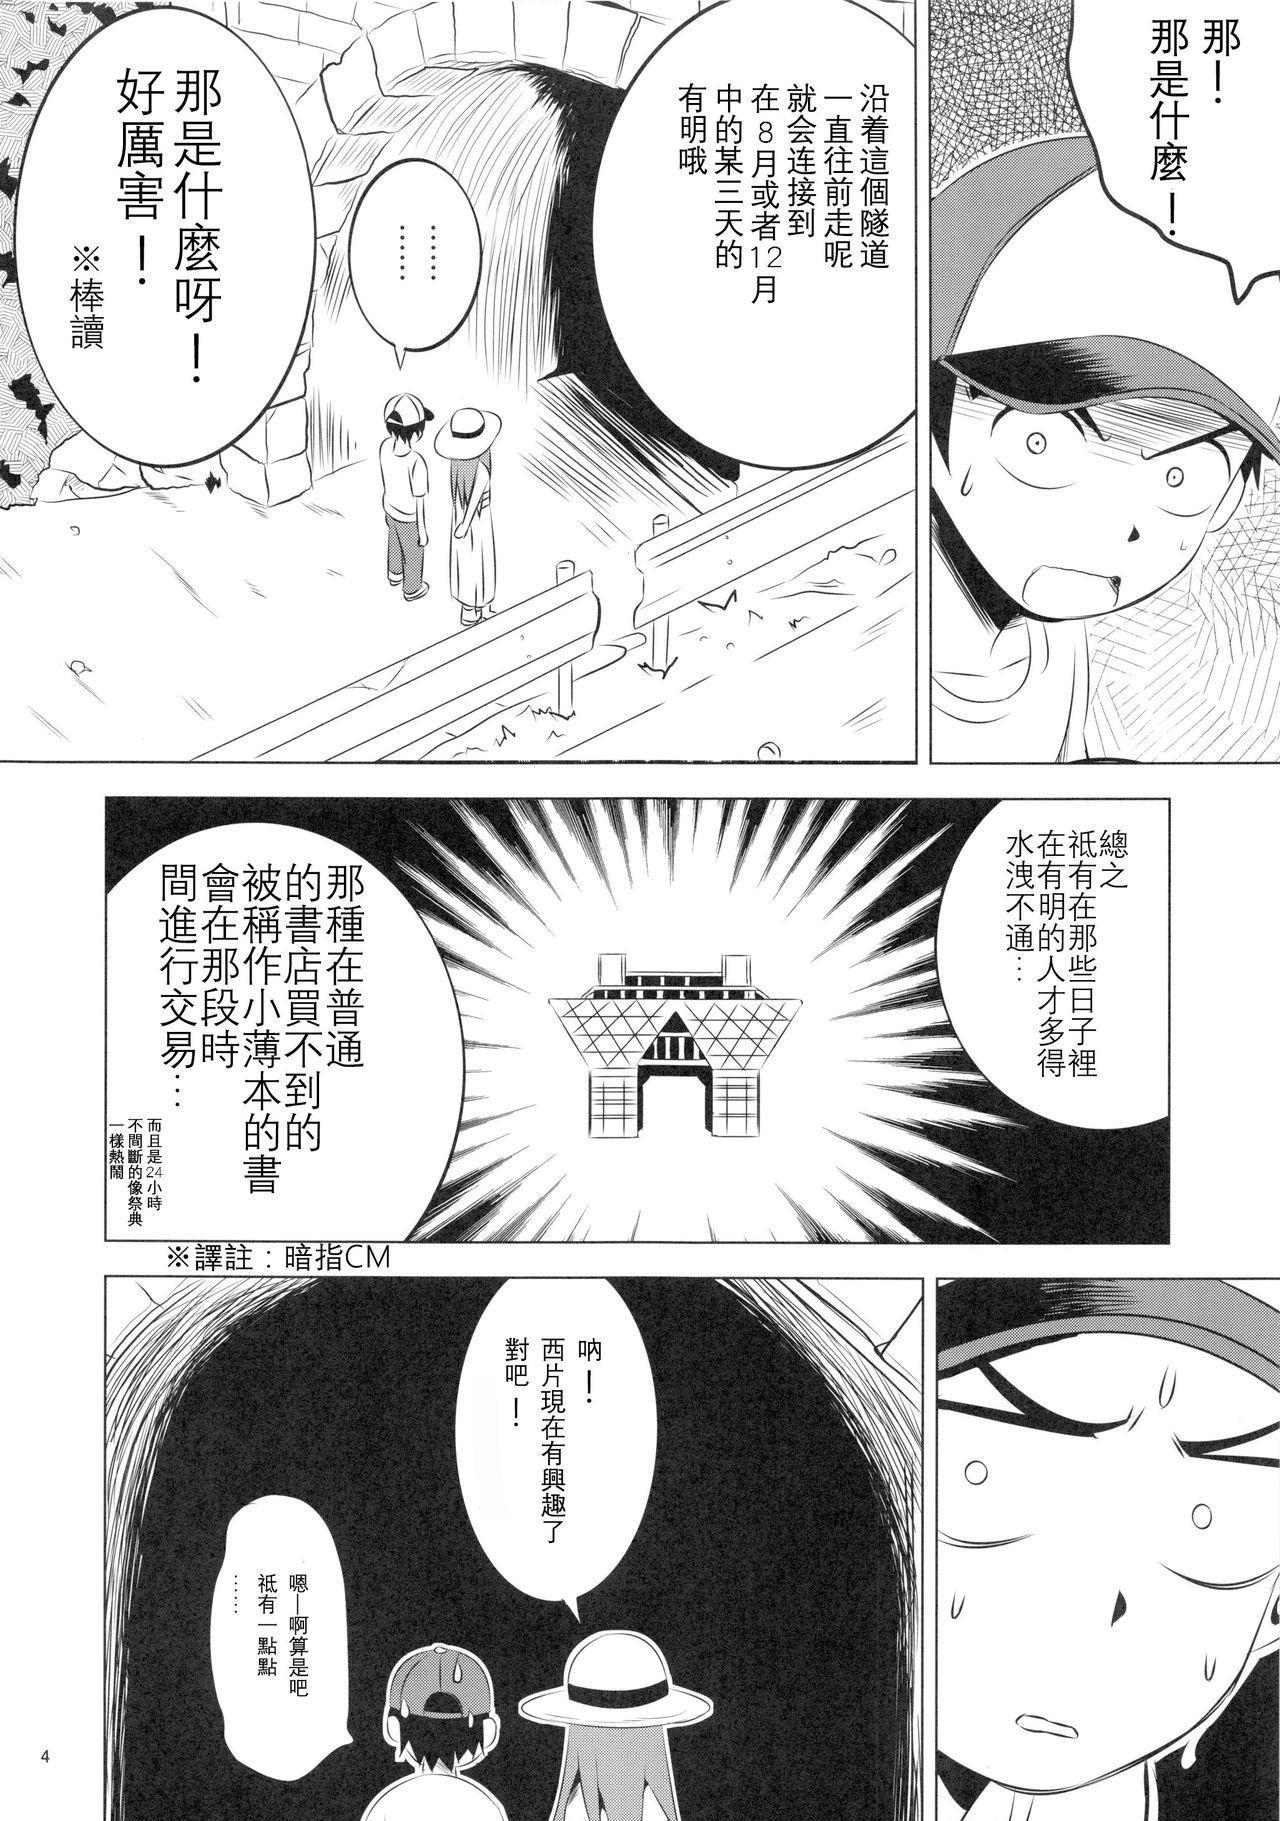 (C92) [Kakohimenoutuwa (Yuumazume)] Kyou mo Nishikata-kun wa Takagi-san ni Misukasareteru 4 (Karakai Jouzu no Takagi-san) [Chinese] [星幽漢化組] 4